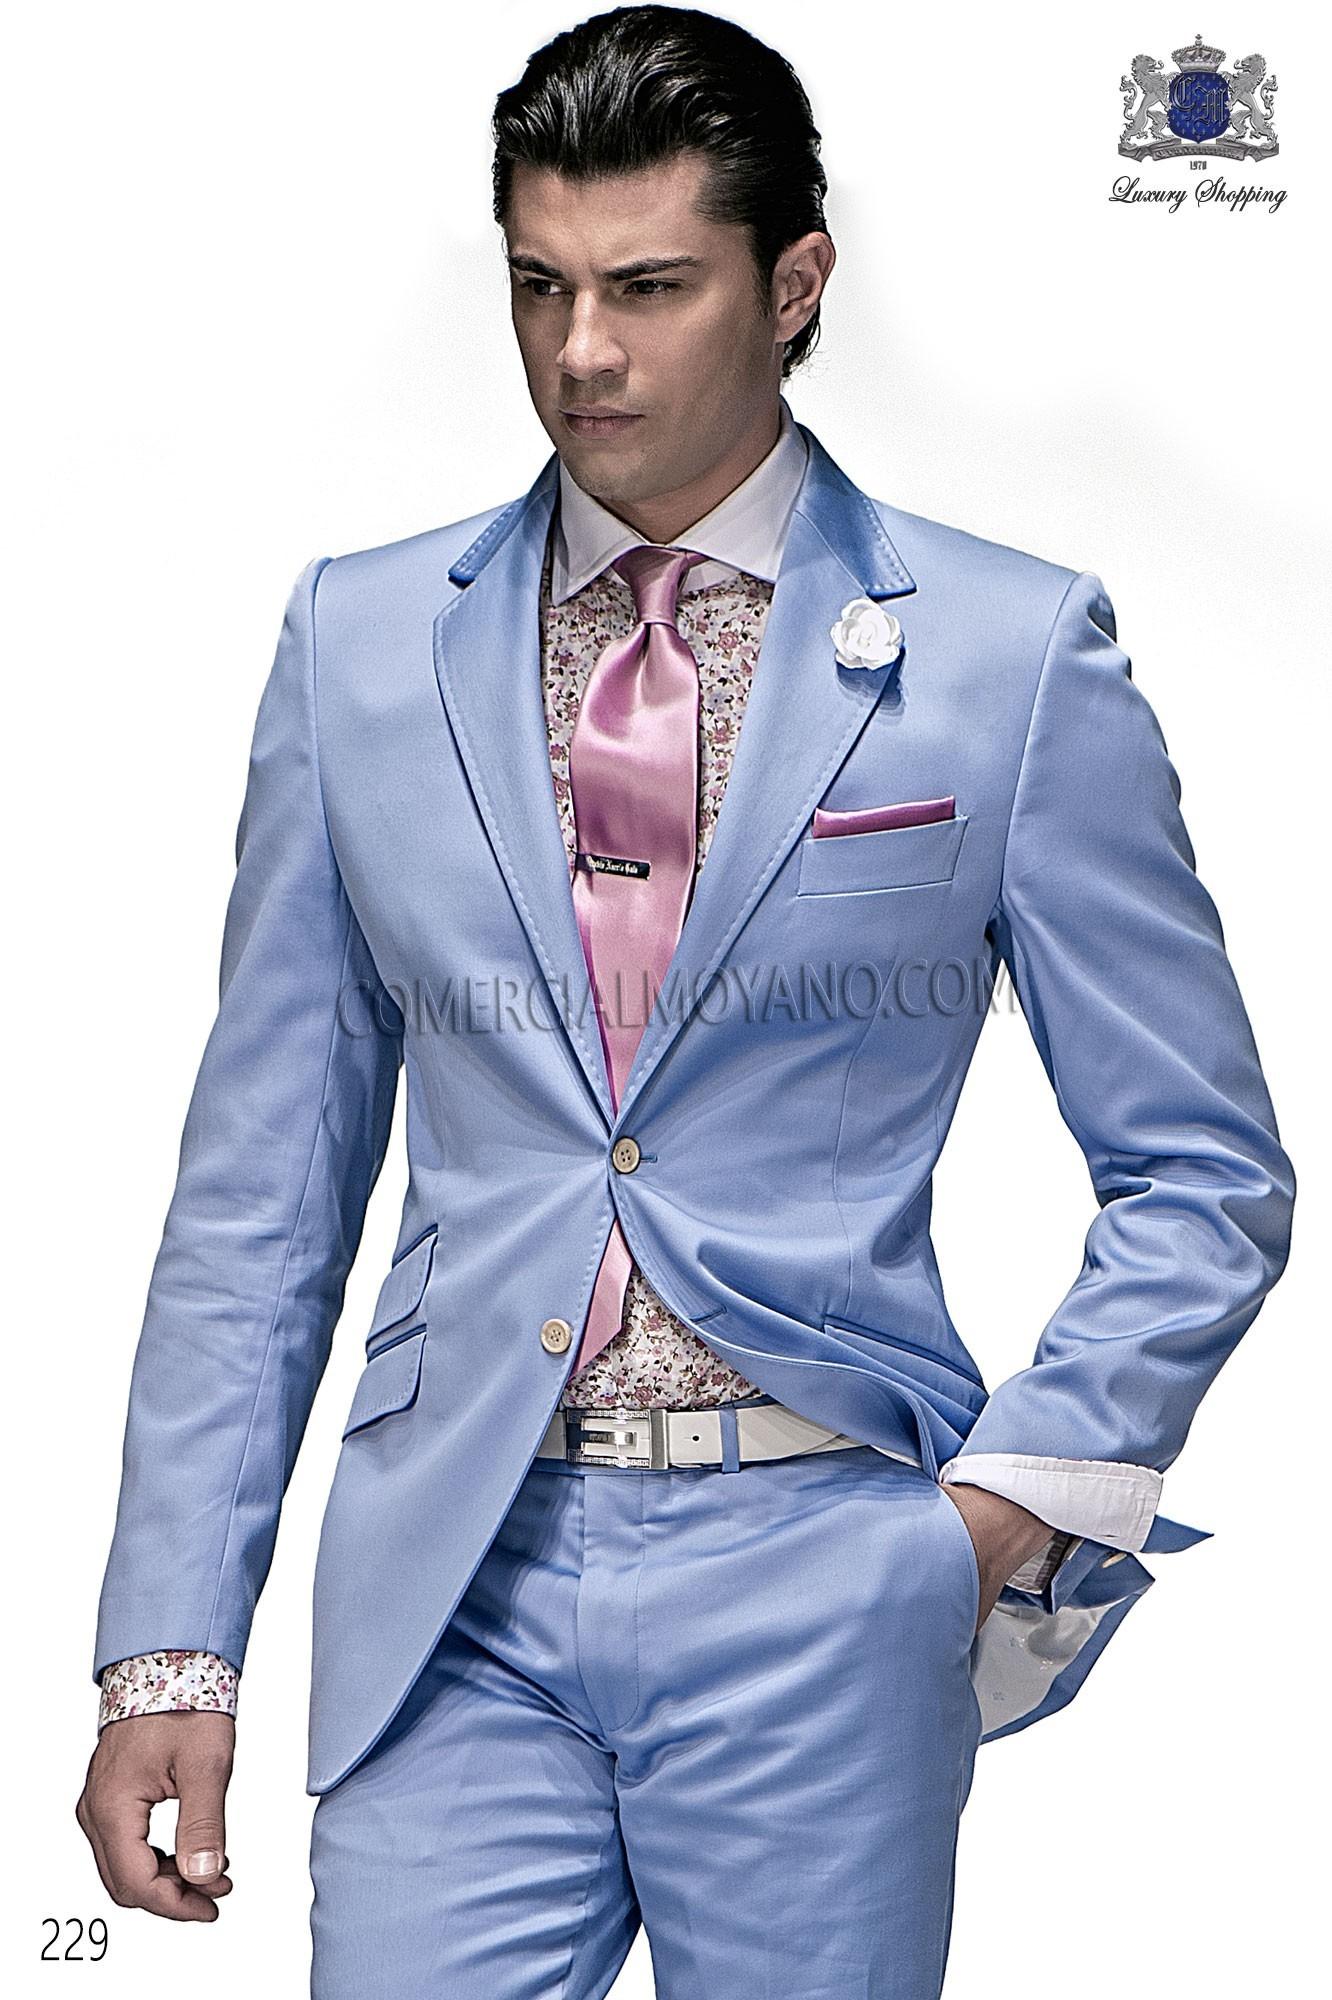 Traje Hipster de novio celeste modelo: 229 Ottavio Nuccio Gala colección Hipster